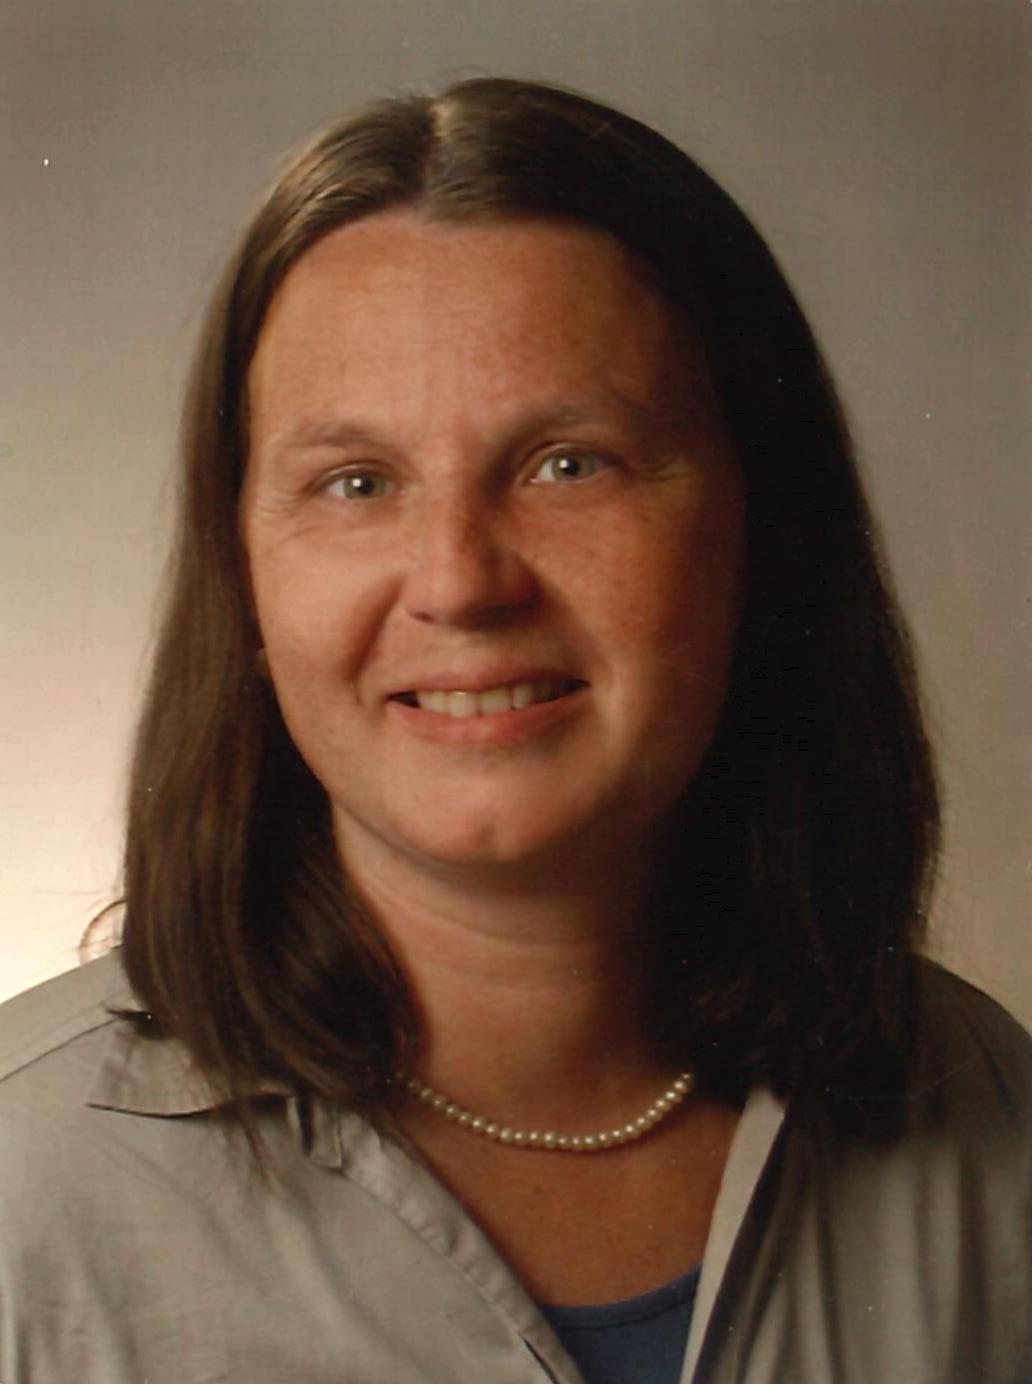 Photograph of Dr. Uta Dorothea Sauer